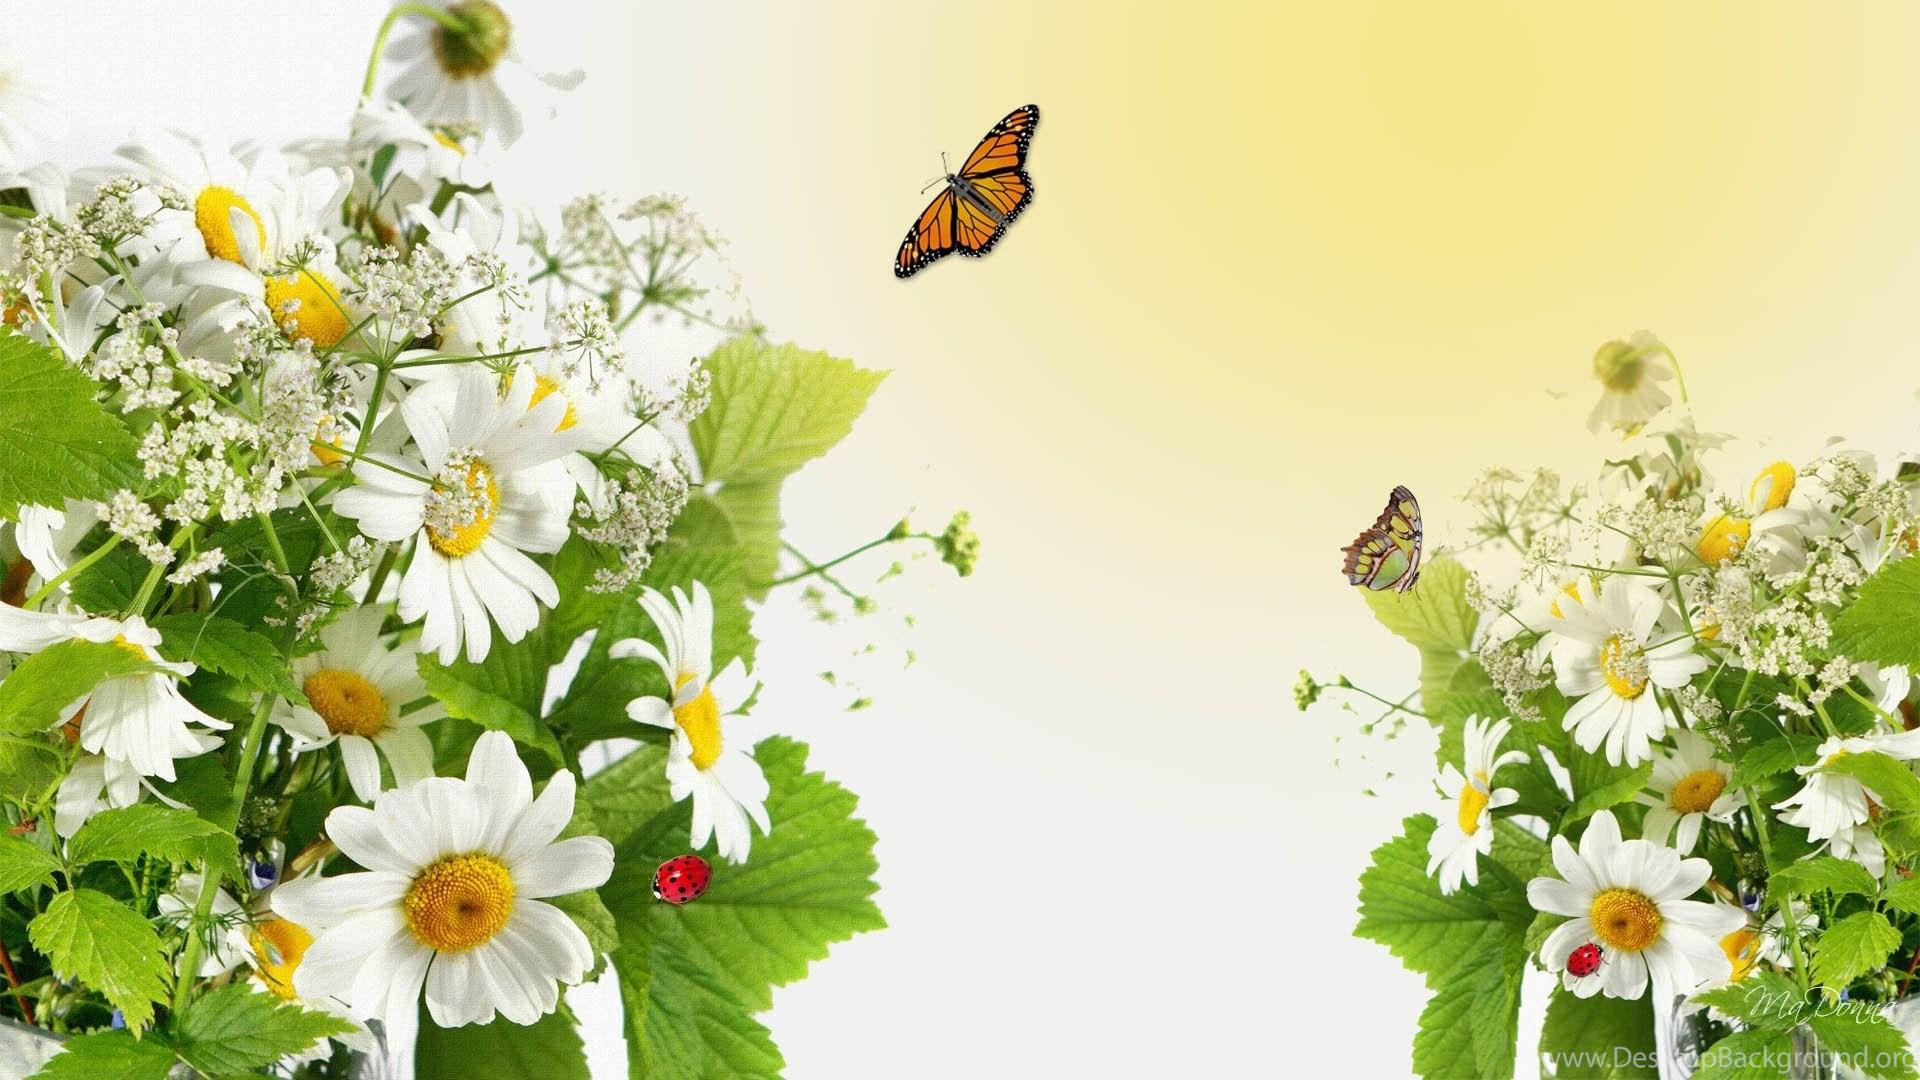 Открытка, полевые цветы фон для открытки